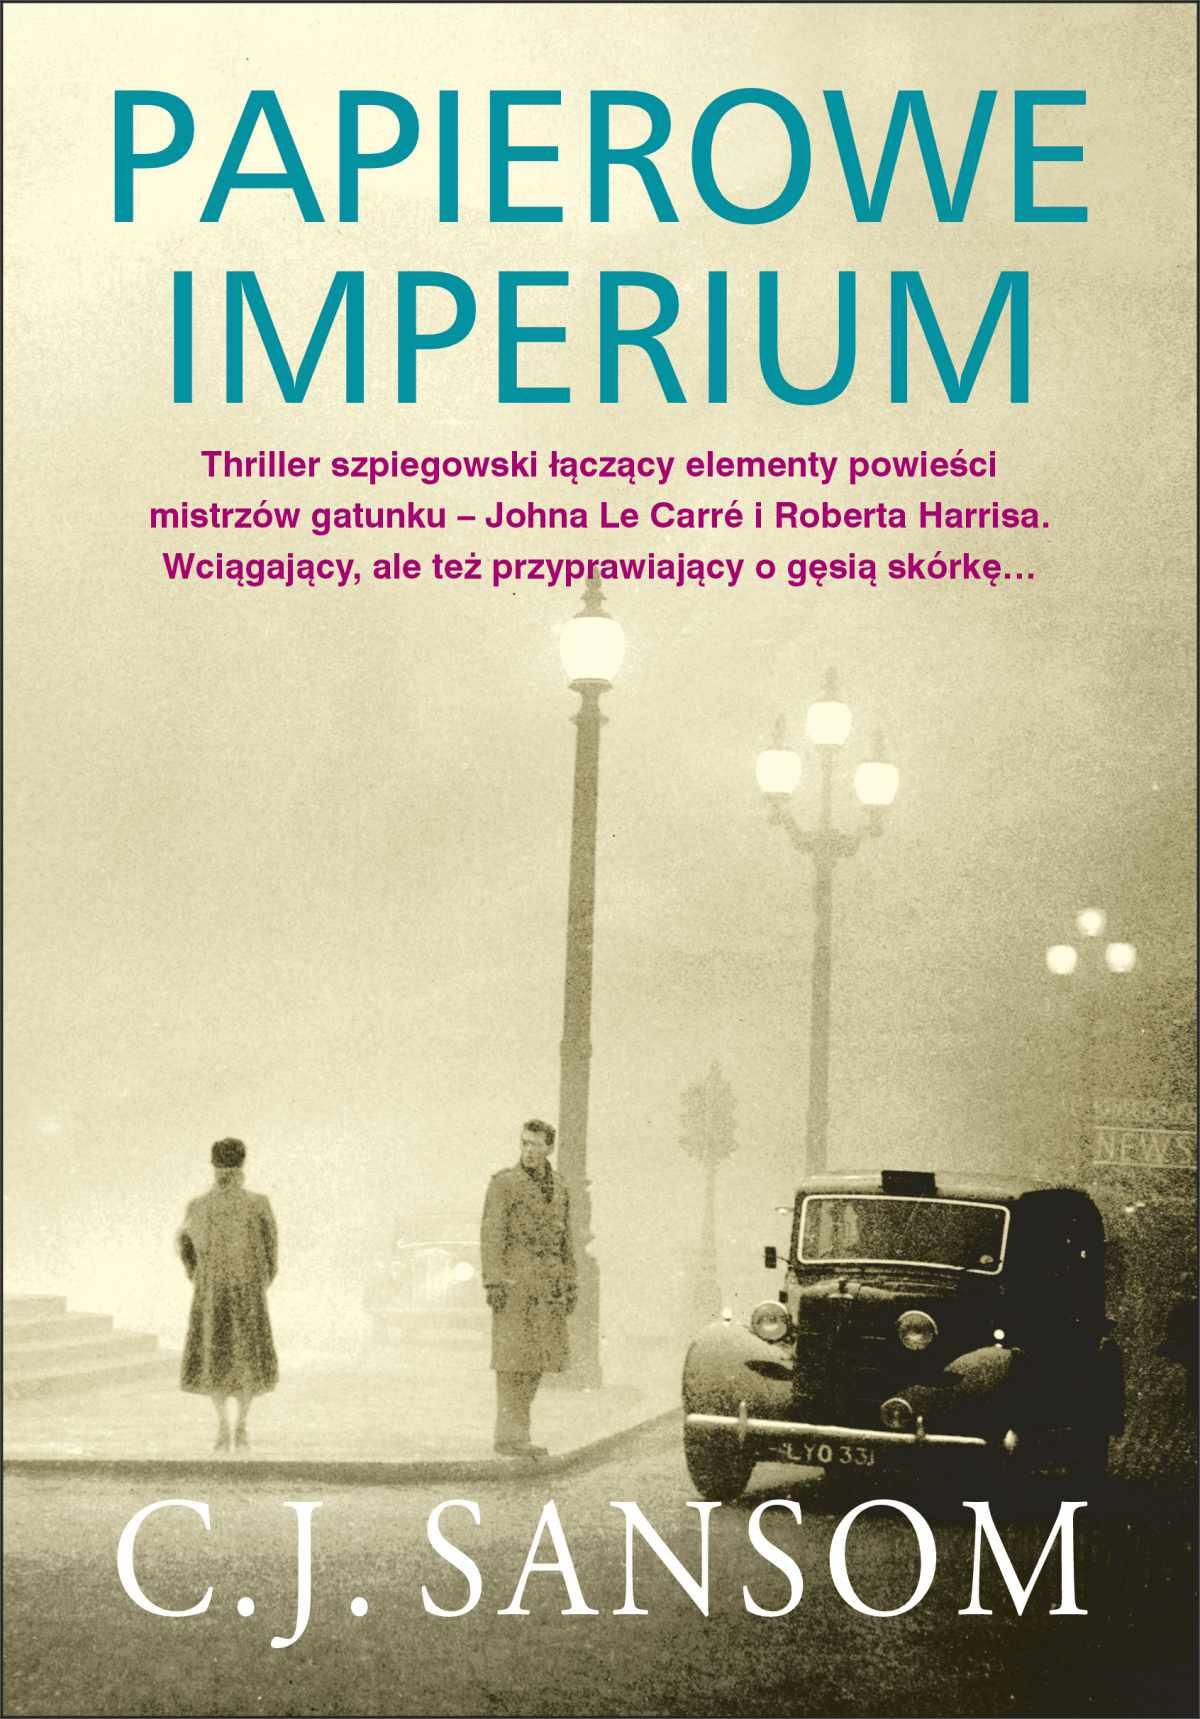 Papierowe imperium - Ebook (Książka EPUB) do pobrania w formacie EPUB